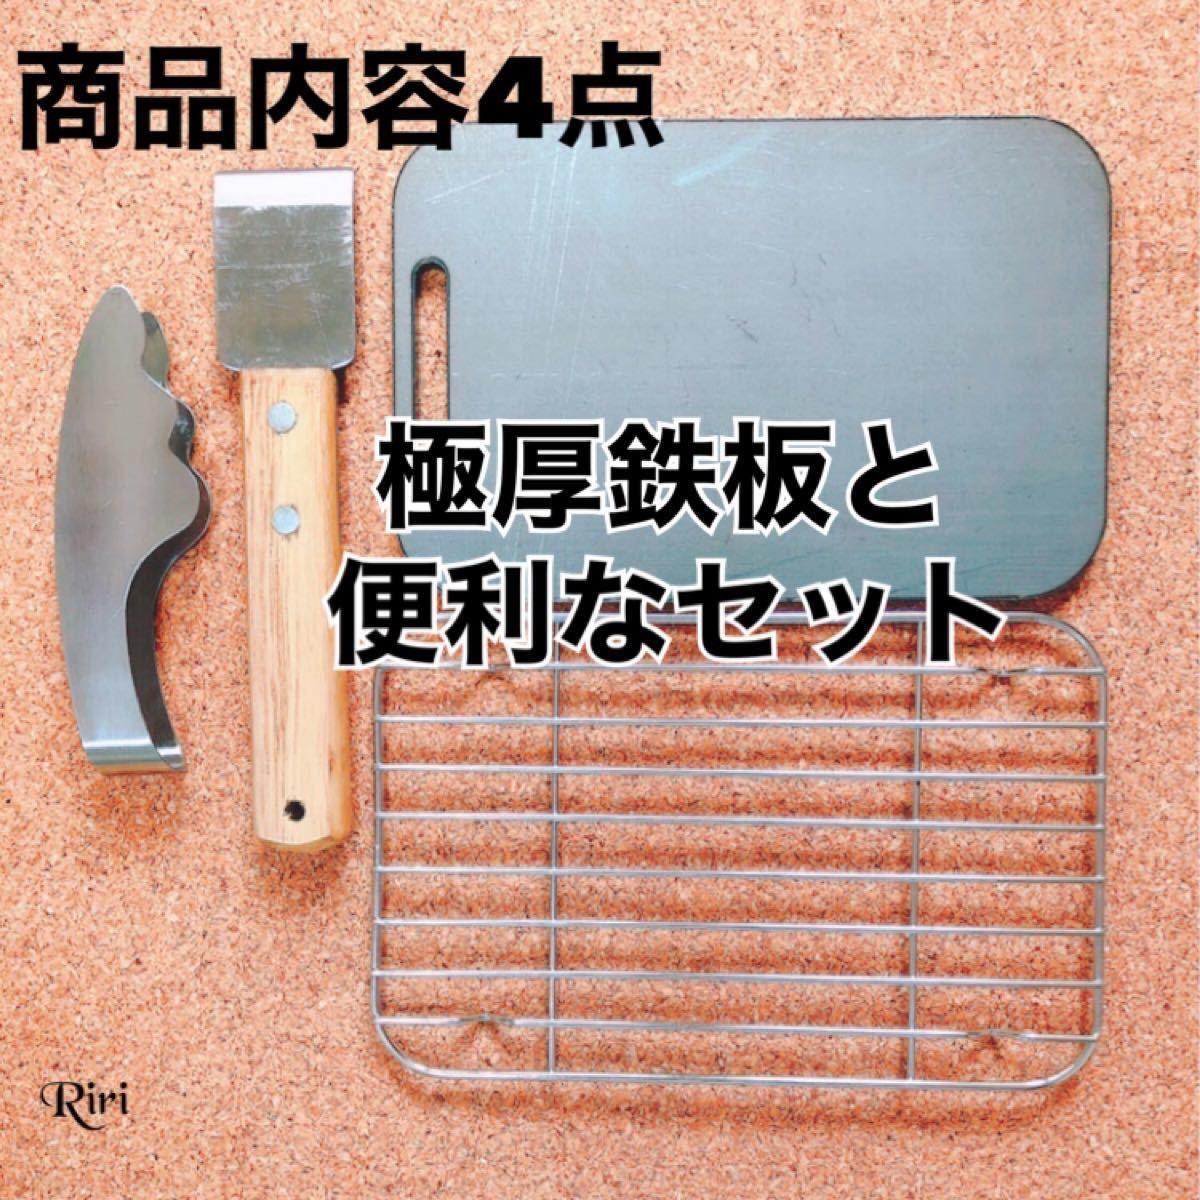 鉄板/ 網/トング/メスティン /ラージ/ アウトドア/ 4点/BBQ